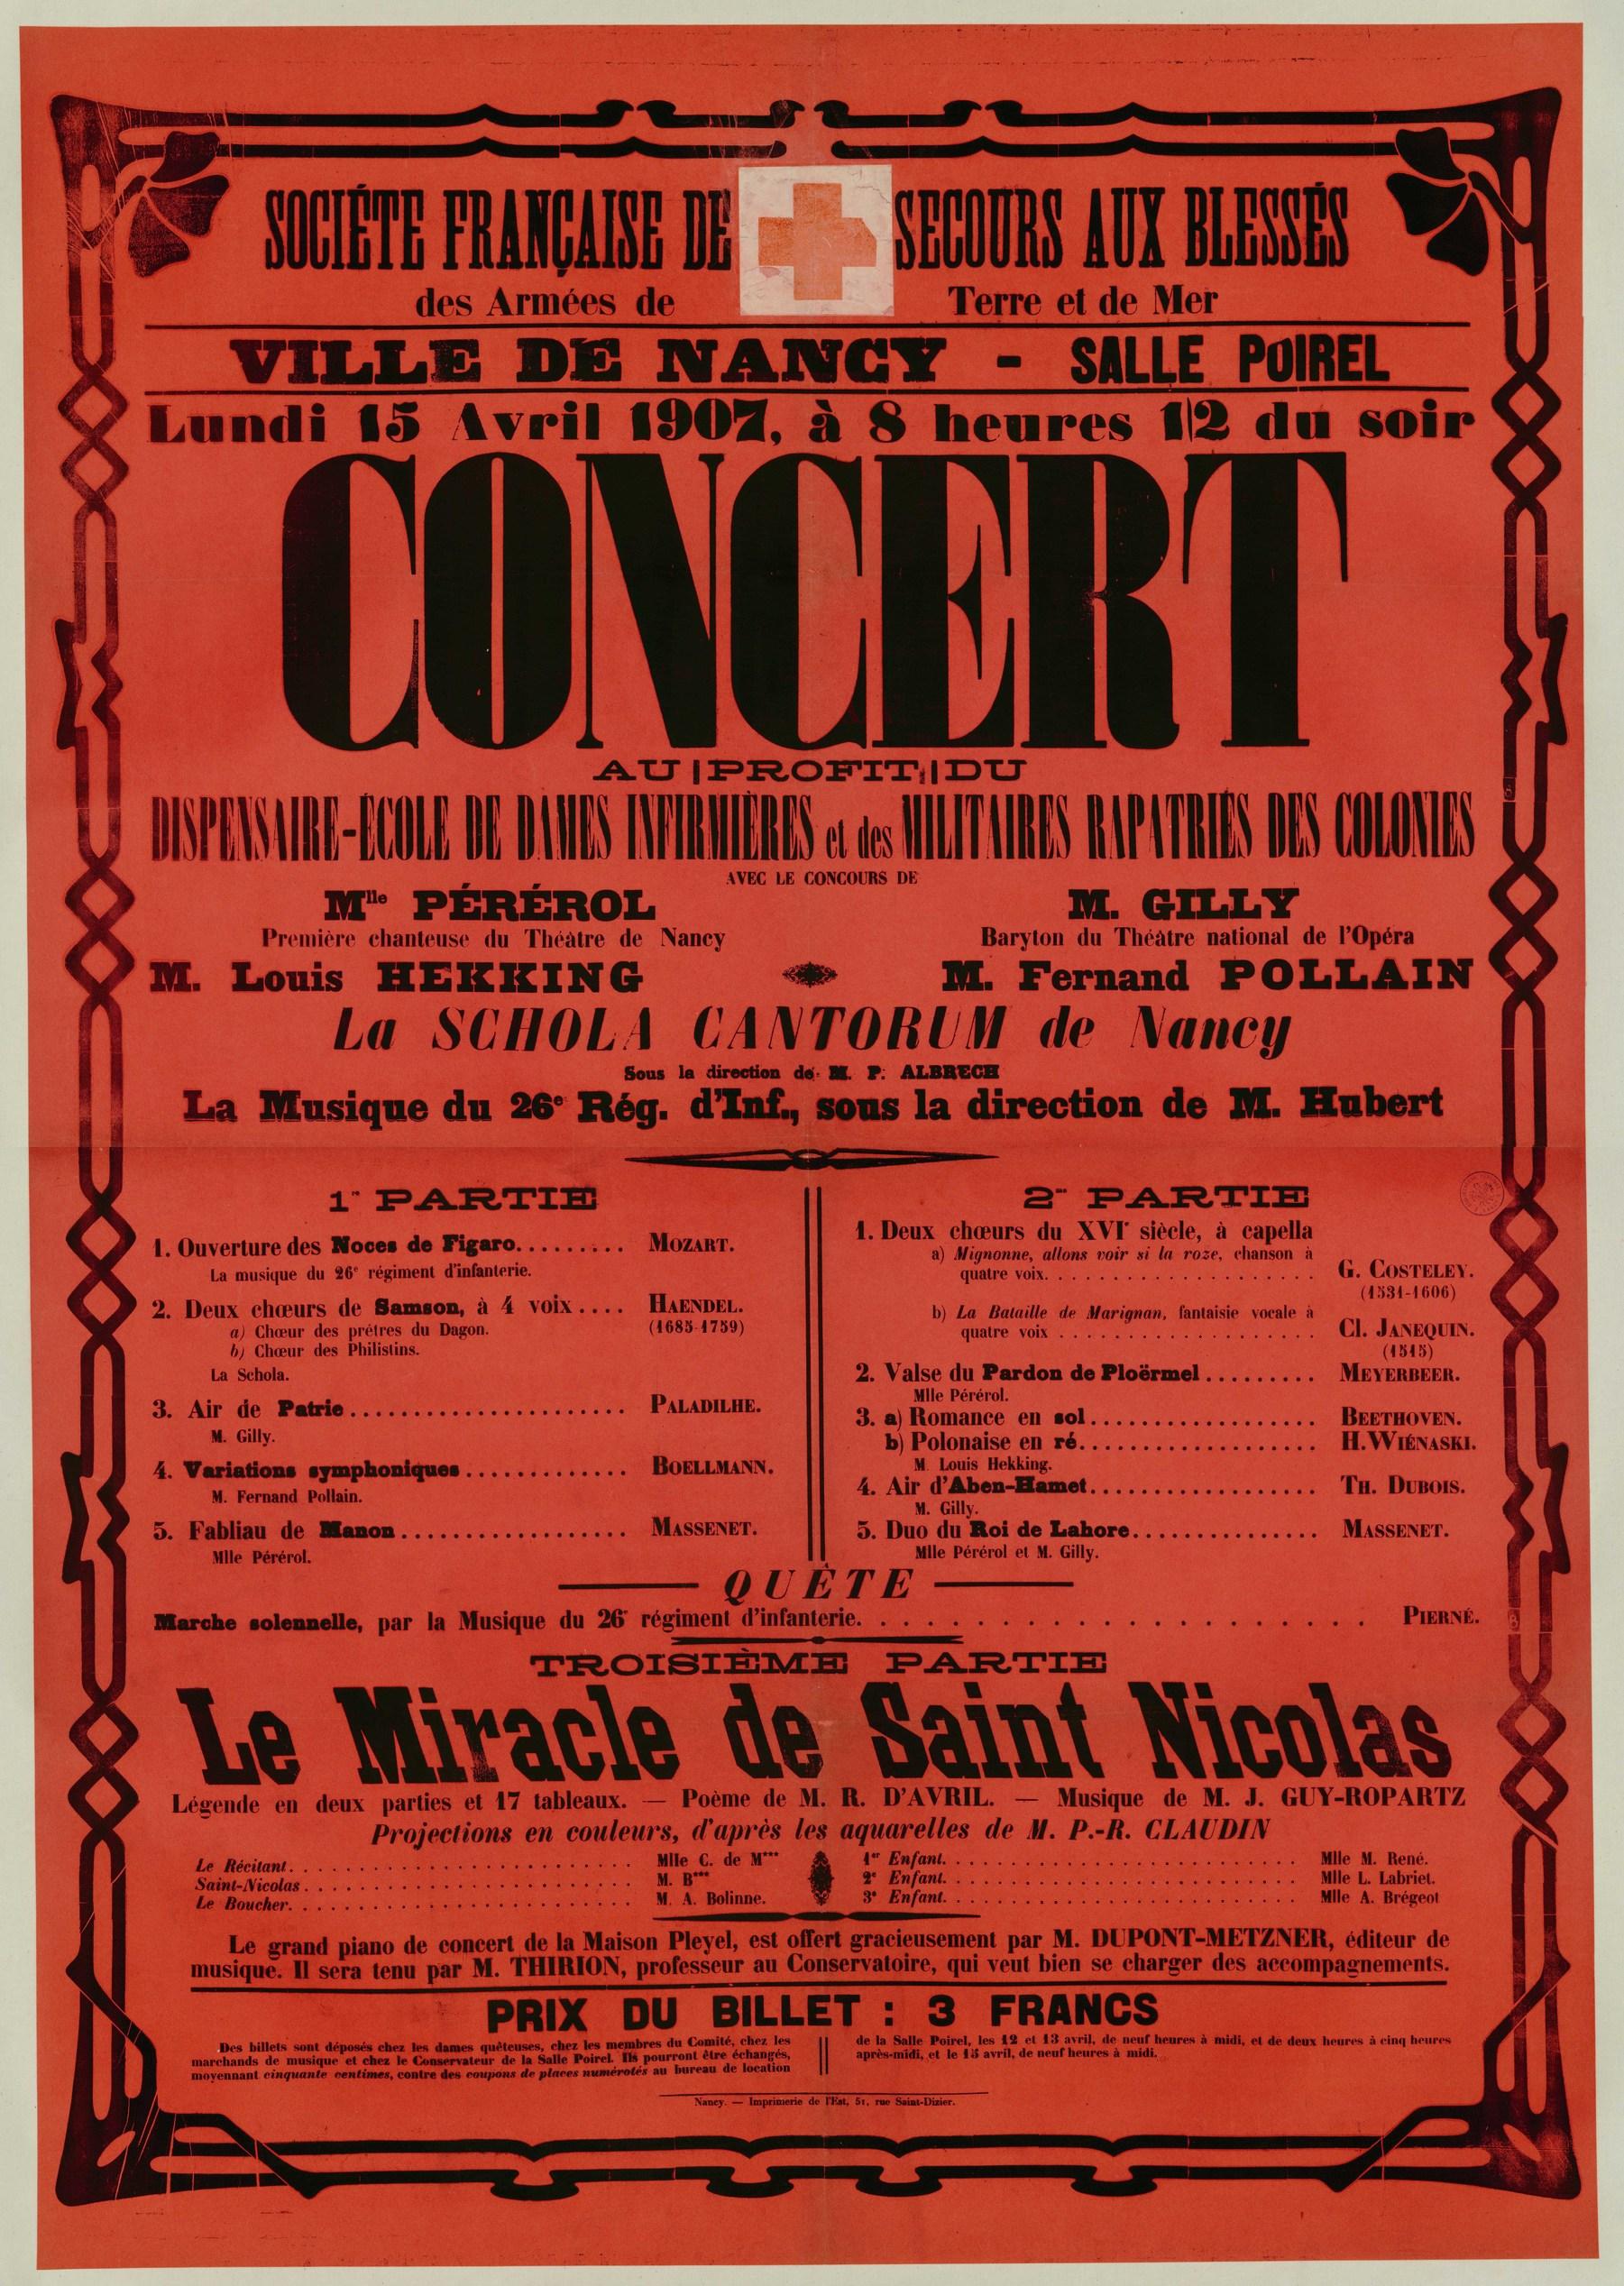 Contenu du Concert caritatif